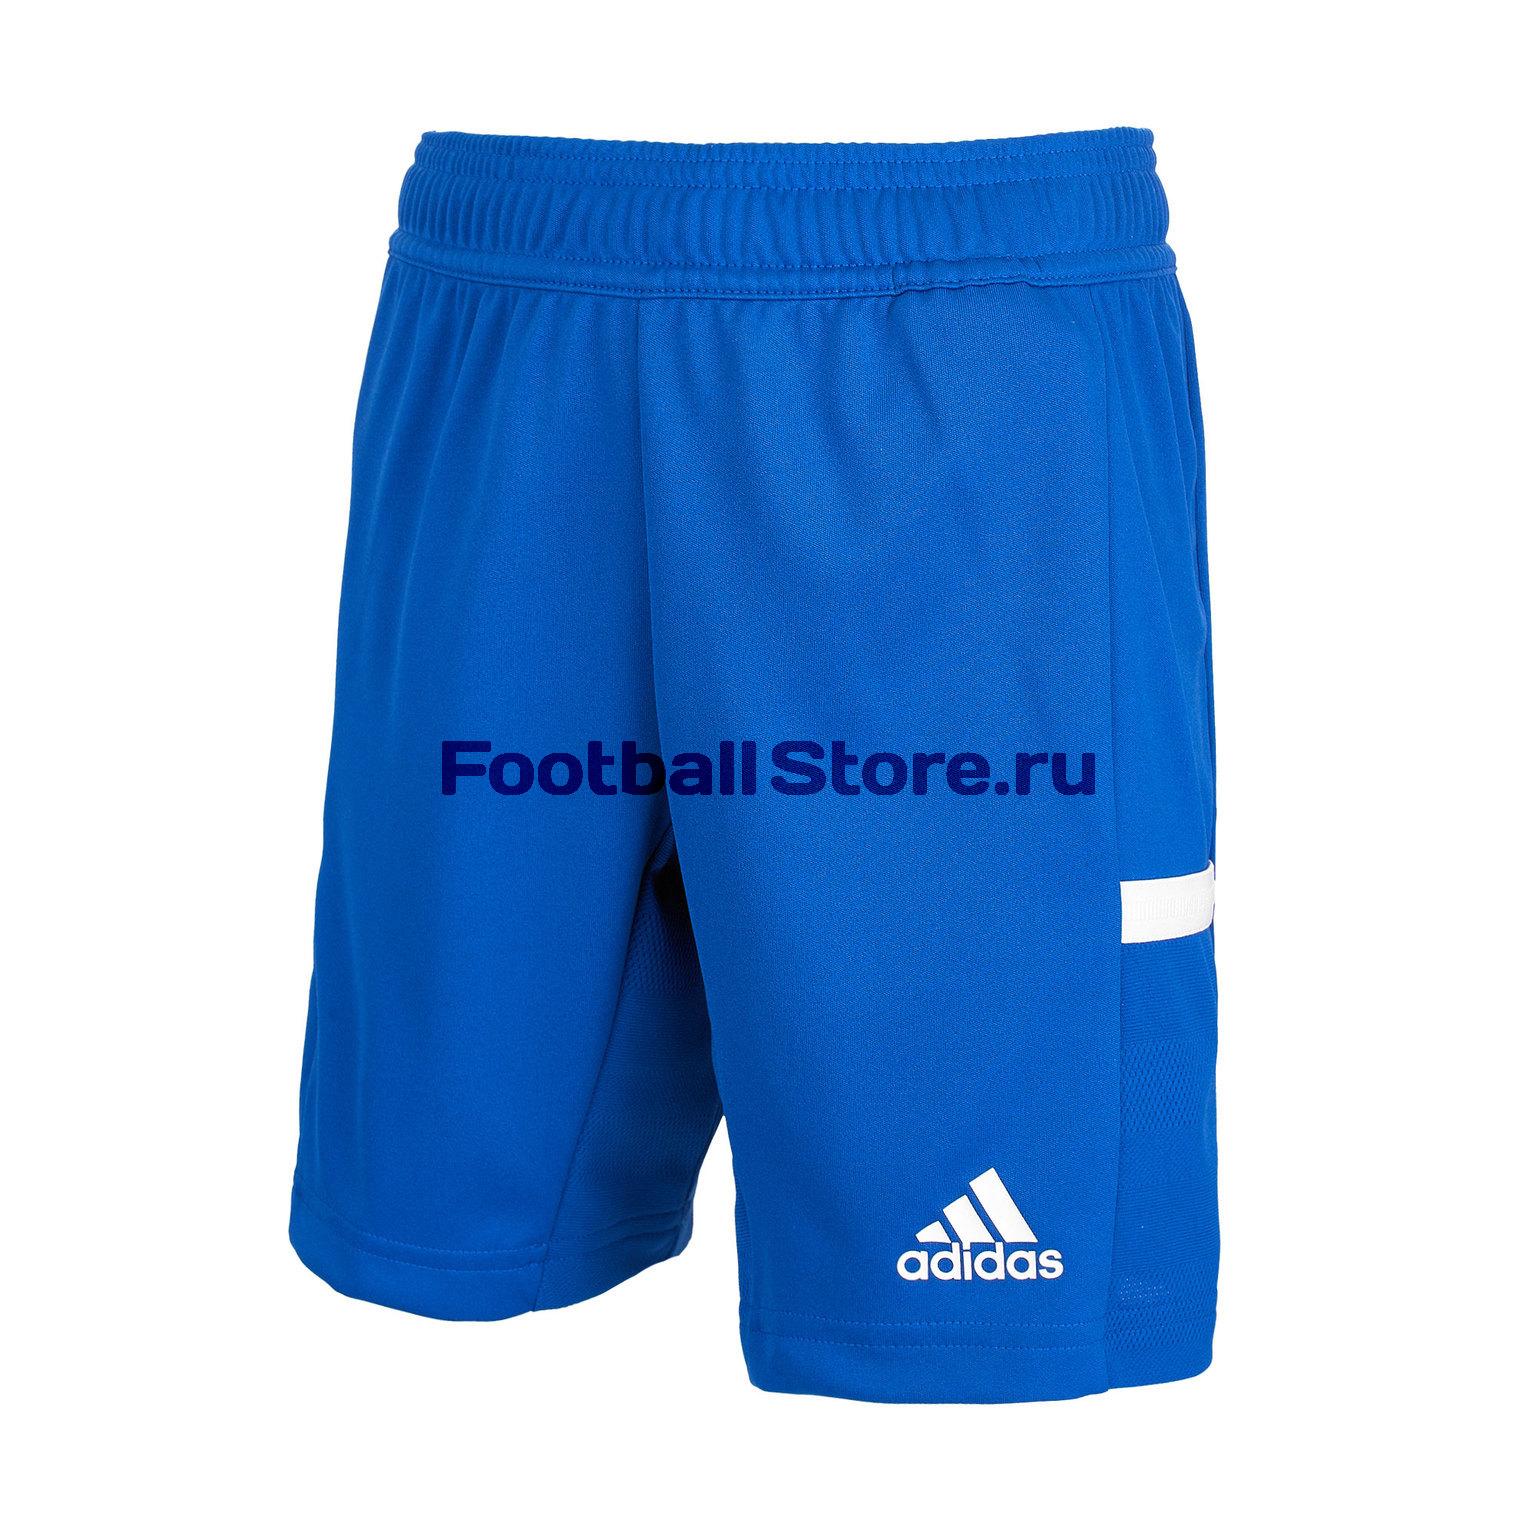 Шорты подростковые Adidas T19 Short DY8870 шорты для единоборств adidas training short mma черно желтые adimmas01